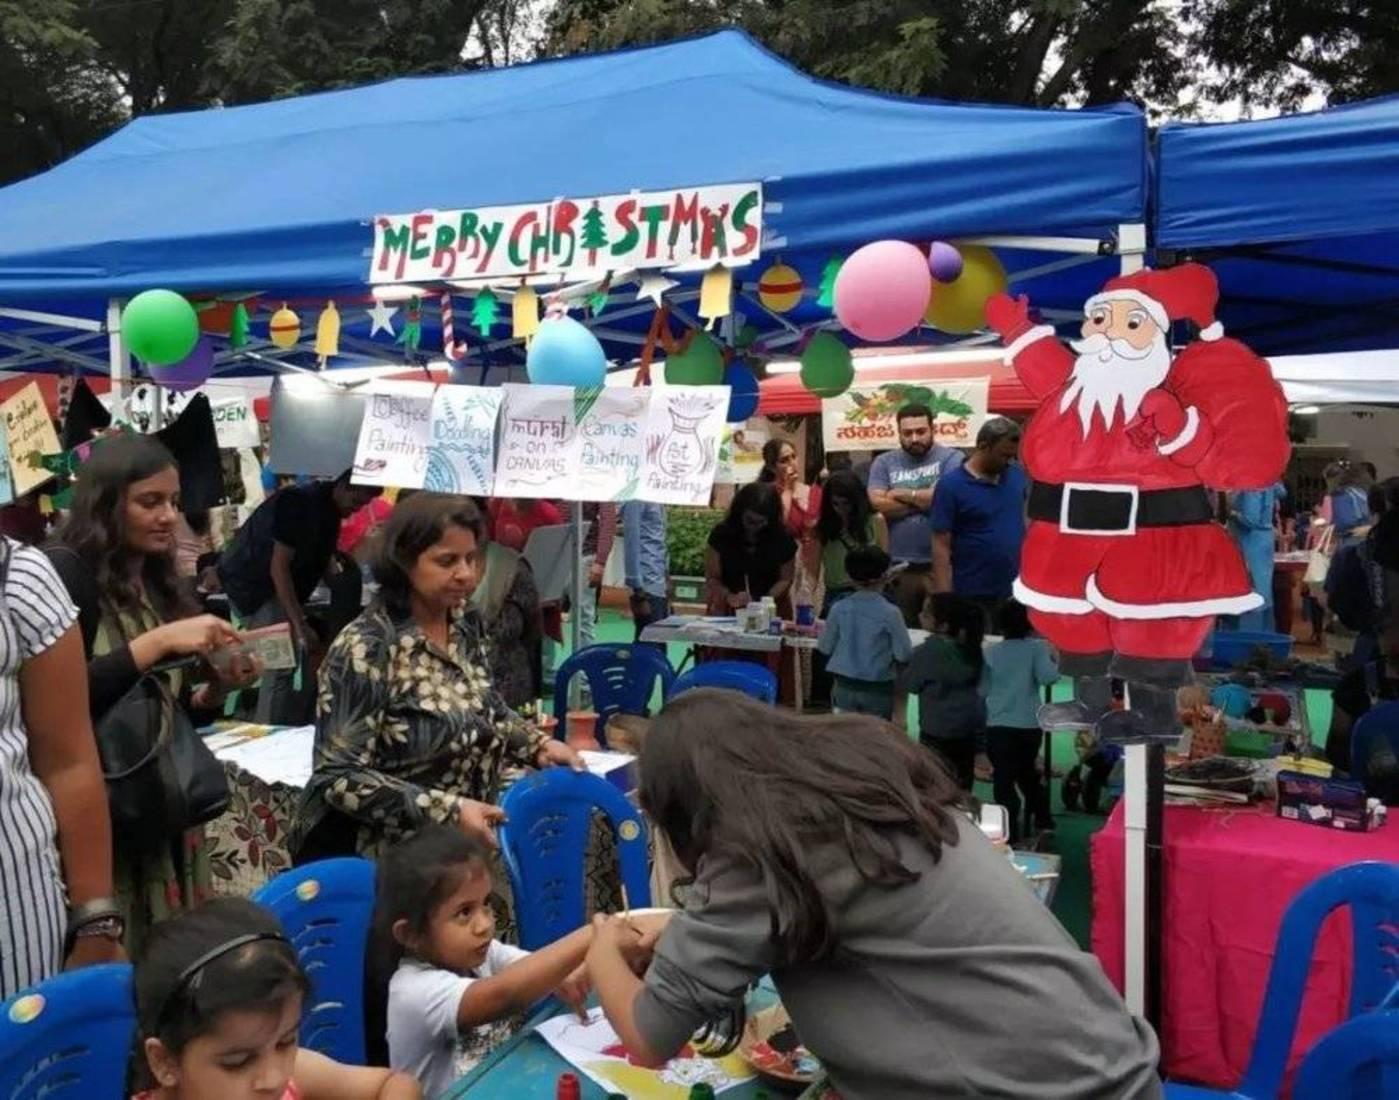 班加罗尔的圣诞集市,只有圣诞老人穿得最厚